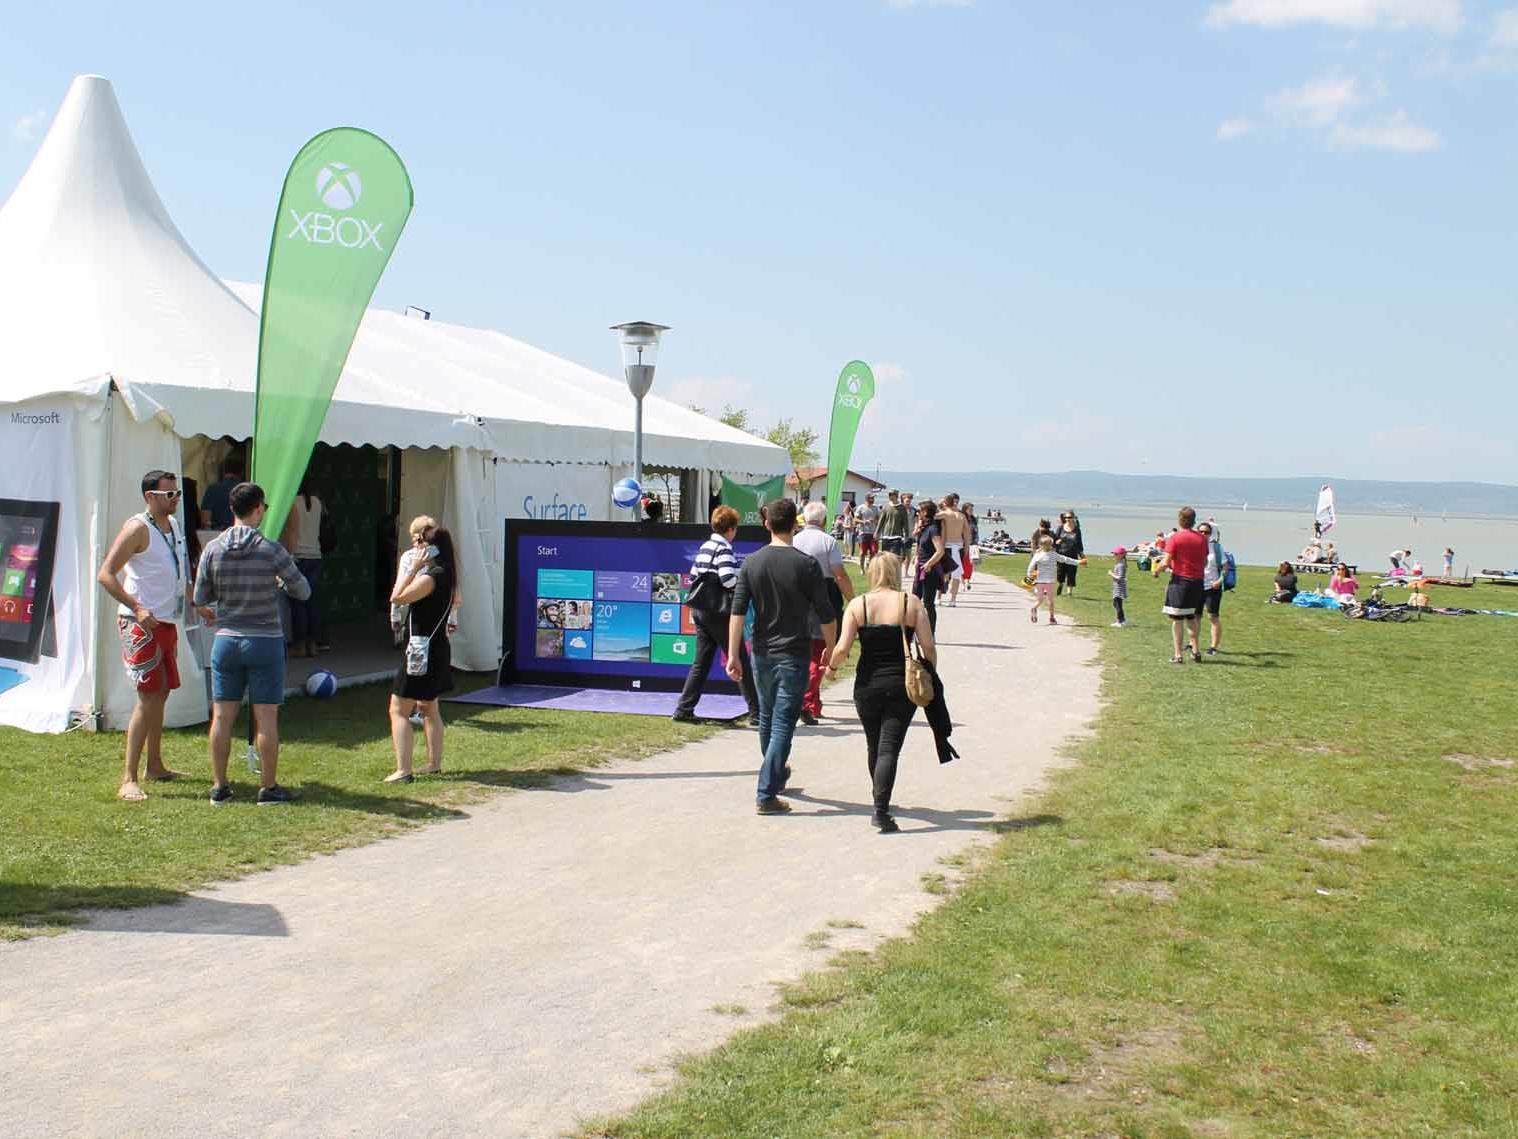 Festival-Package für den Surf Worldcup in Podersdorf gewinnen.